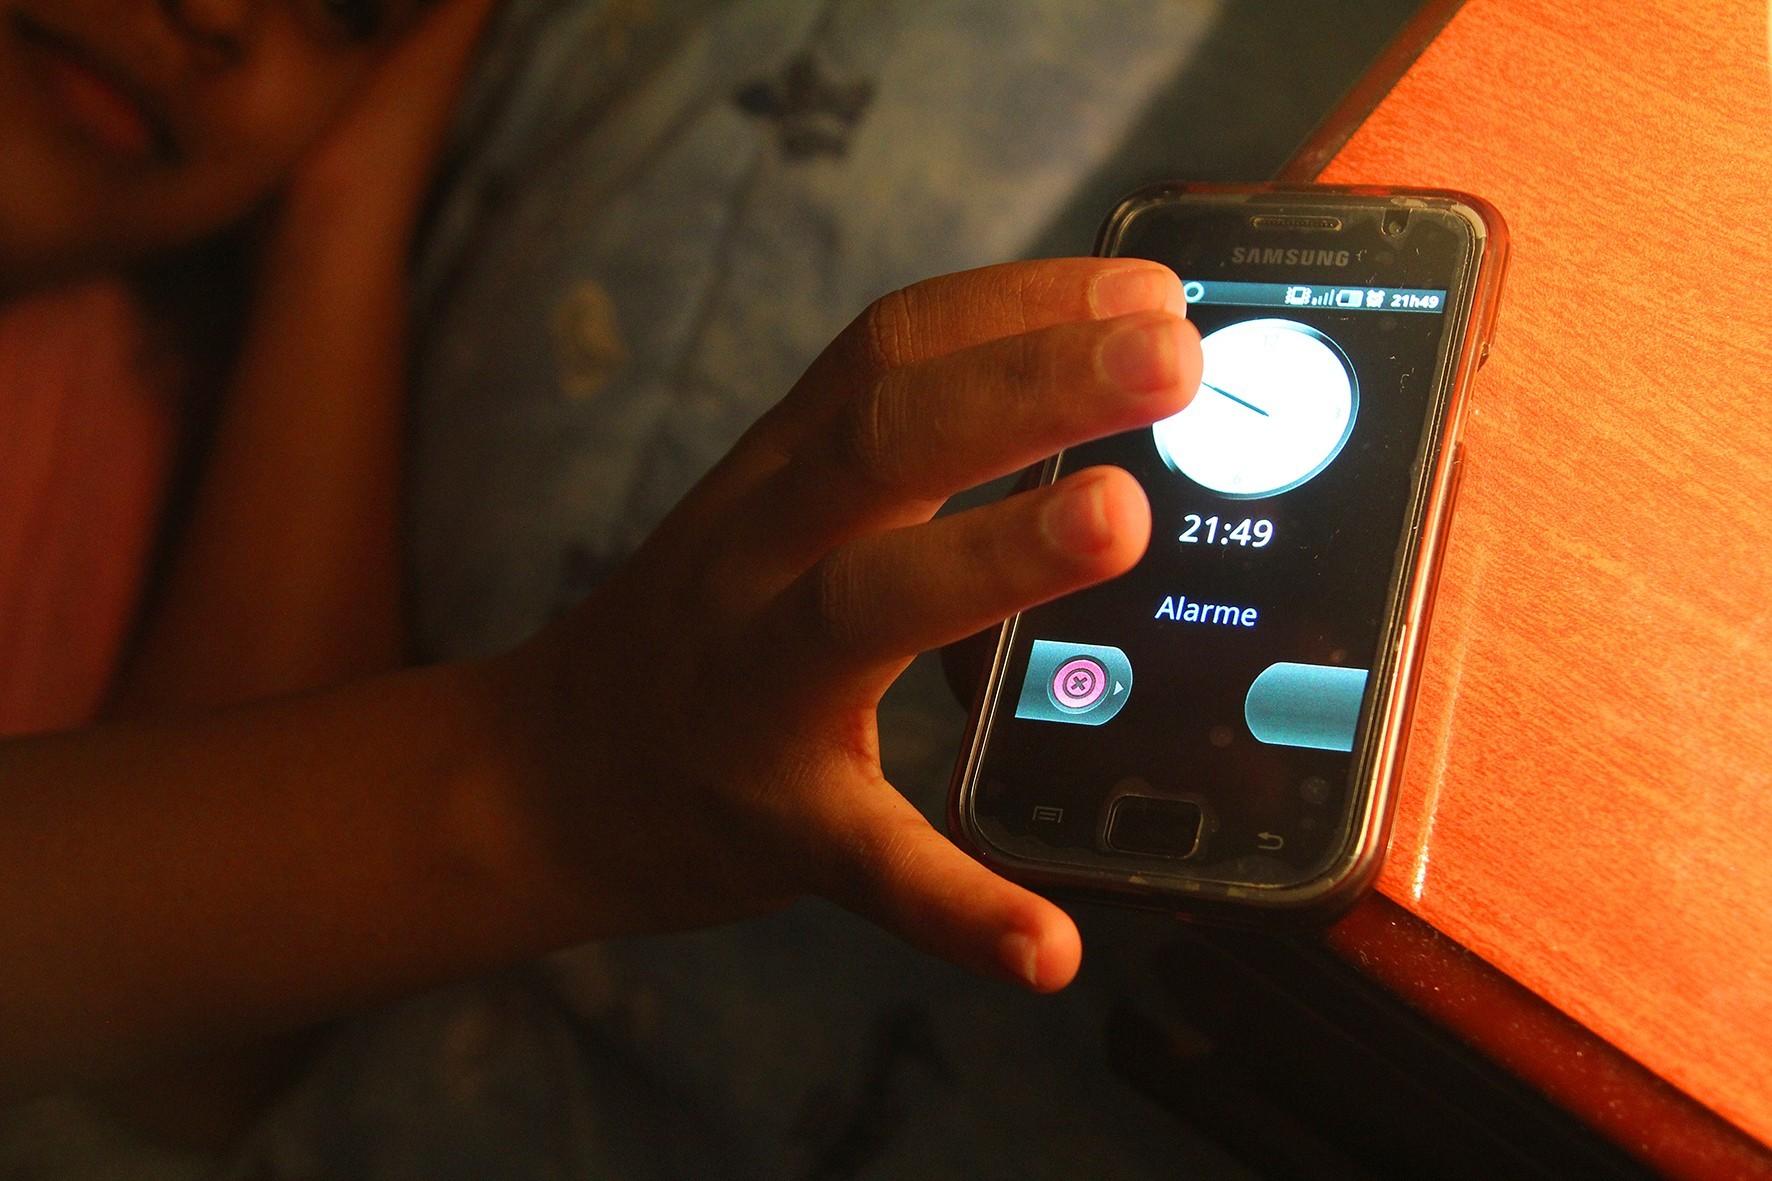 Luz brilhante de eletrônicos à noite diminui em 88% a produção de melatonina nas crianças, diz estudo